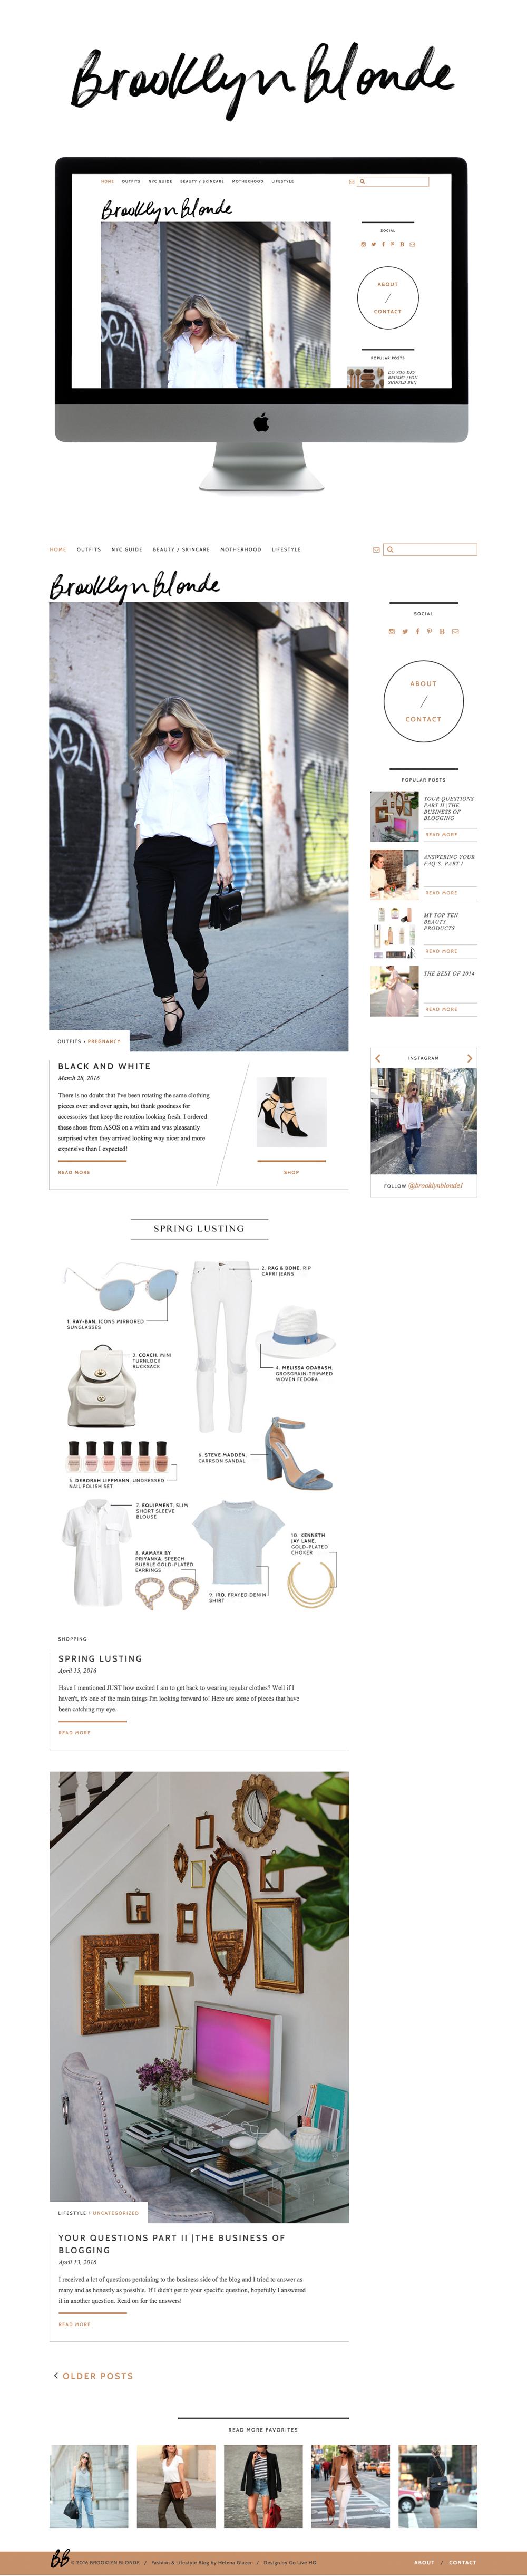 sophisticated wordpress blog design | designed by: golivehq.co